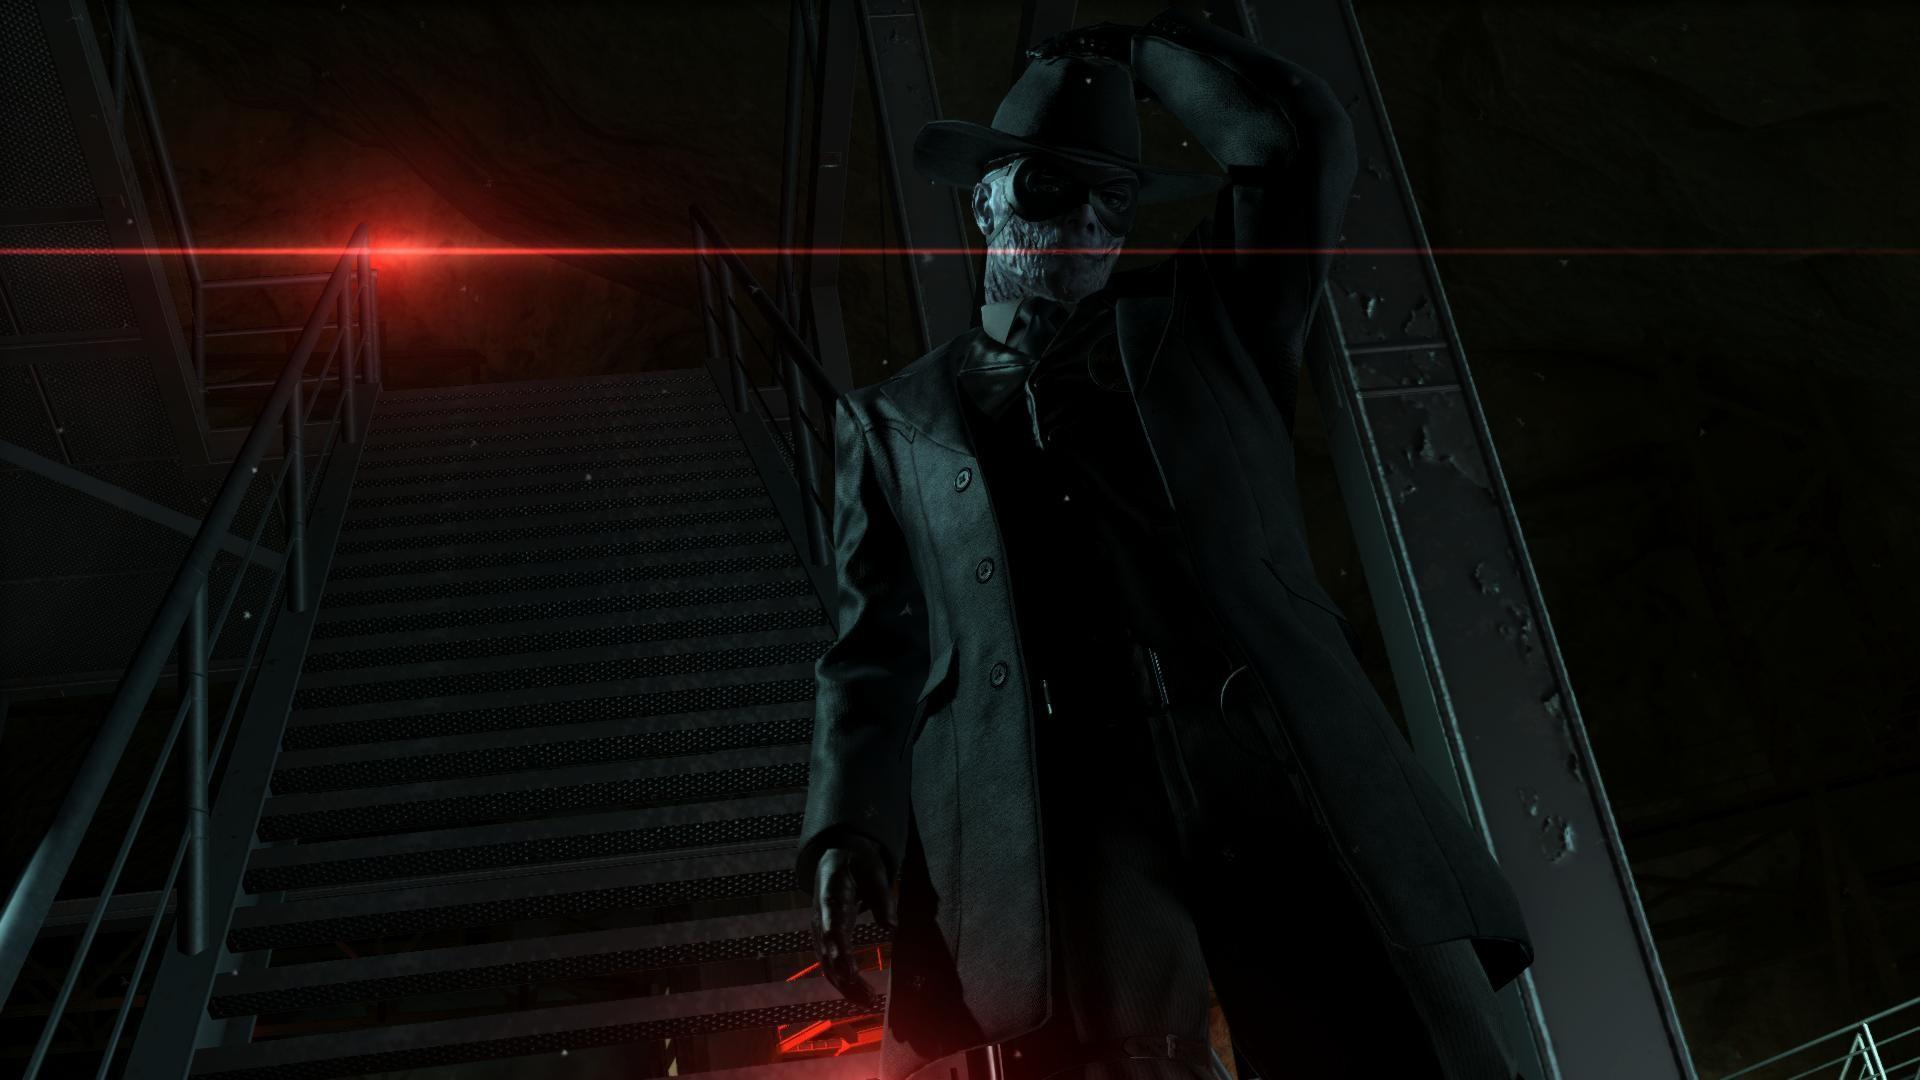 Metal-Gear-Solid-V-The-Phantom-Pain-Skull-